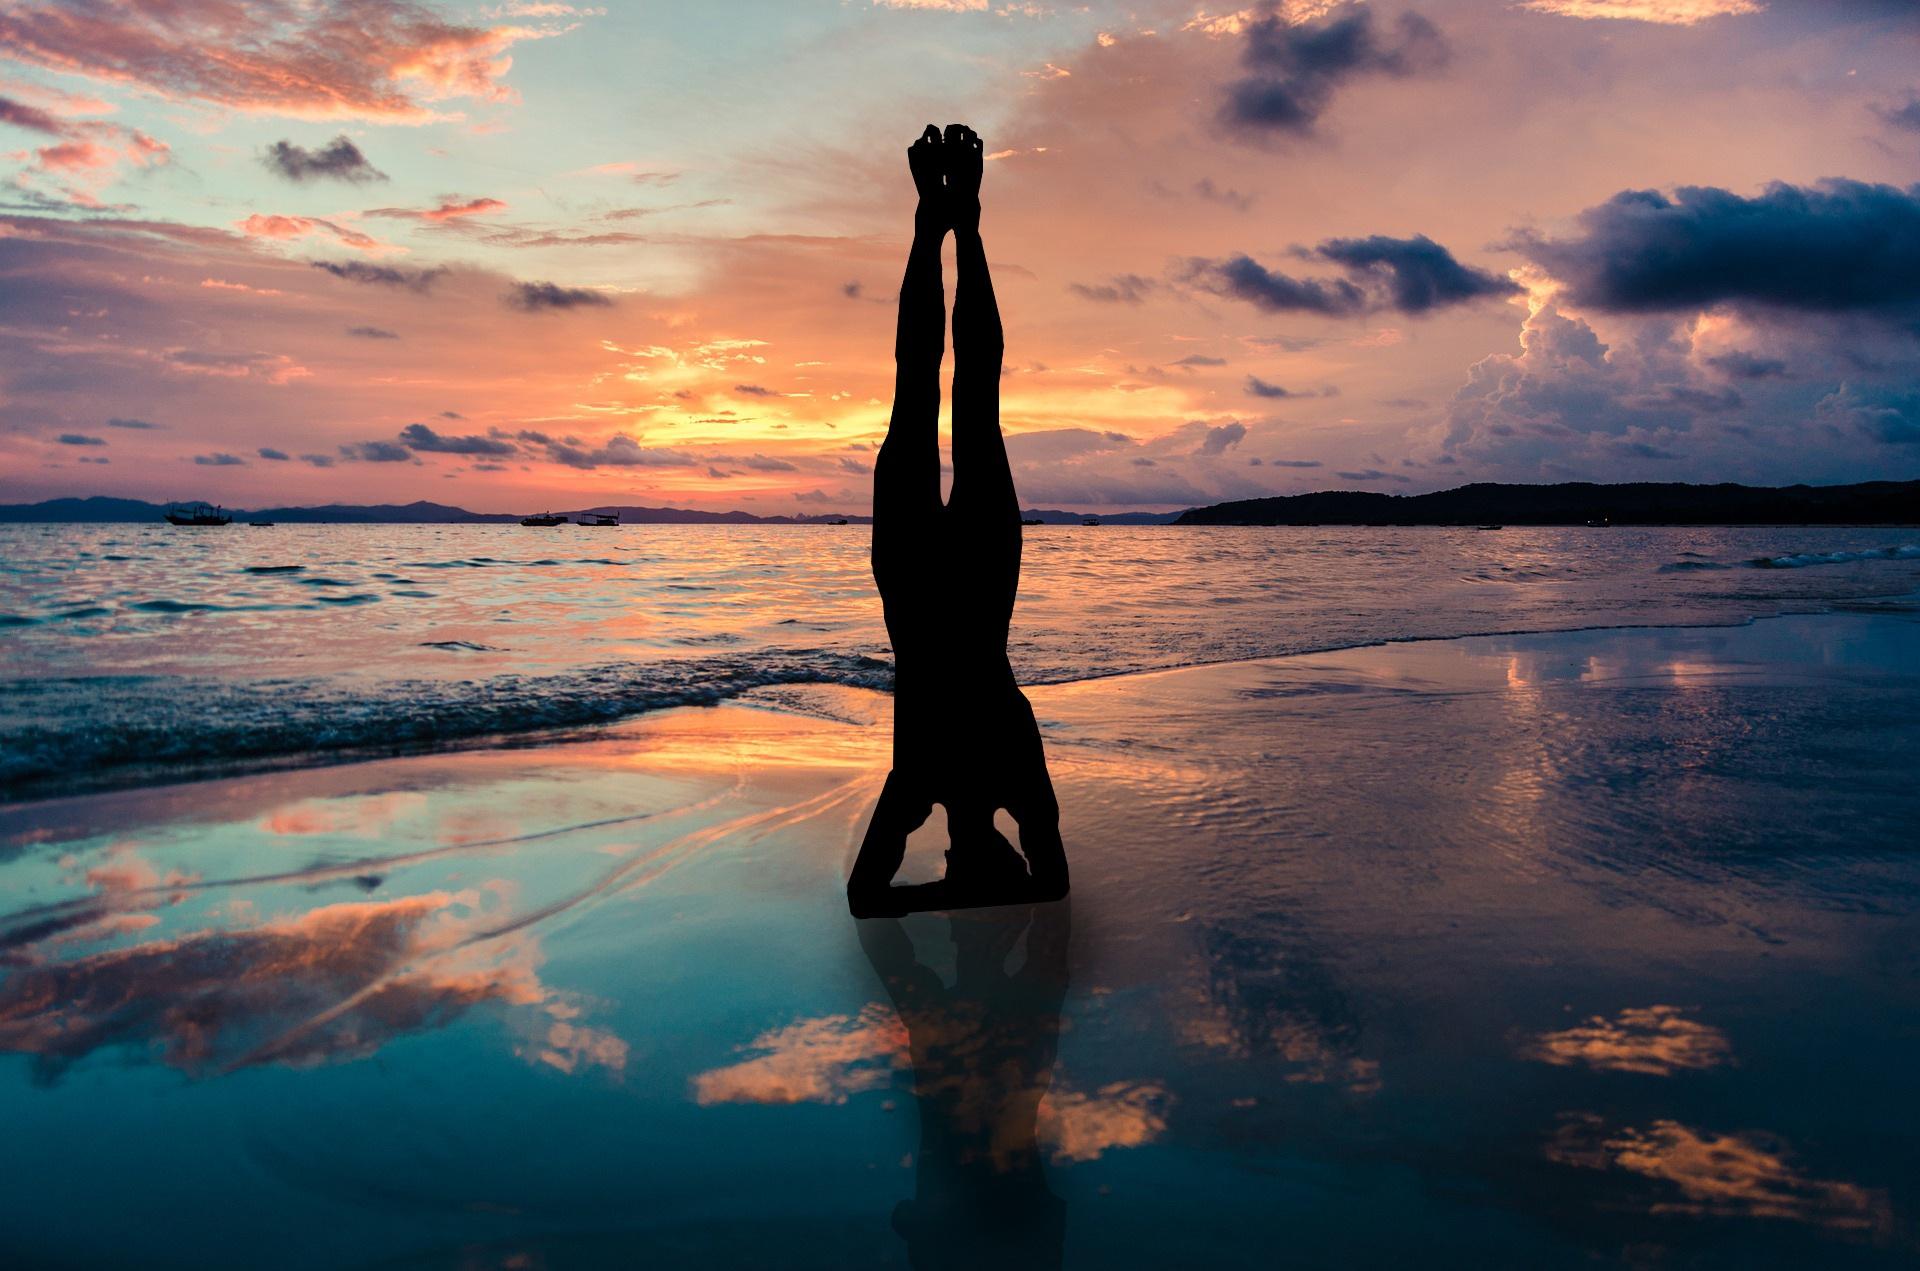 Yoga_Silver_Island_CC0.jpg?1544882253